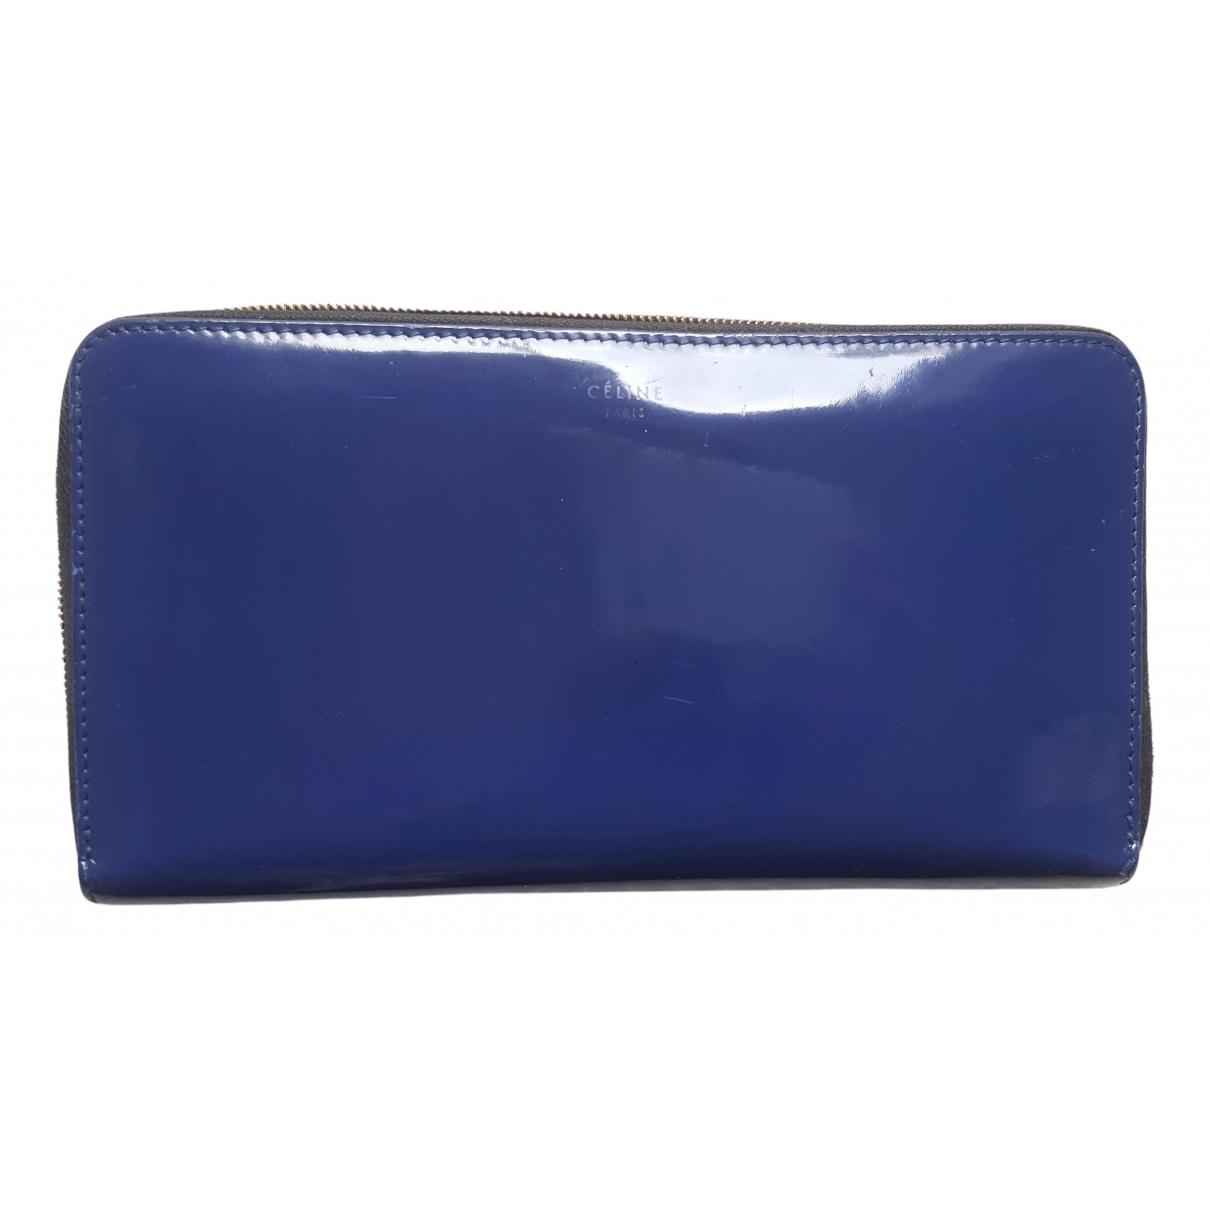 Celine - Portefeuille   pour femme en cuir verni - bleu